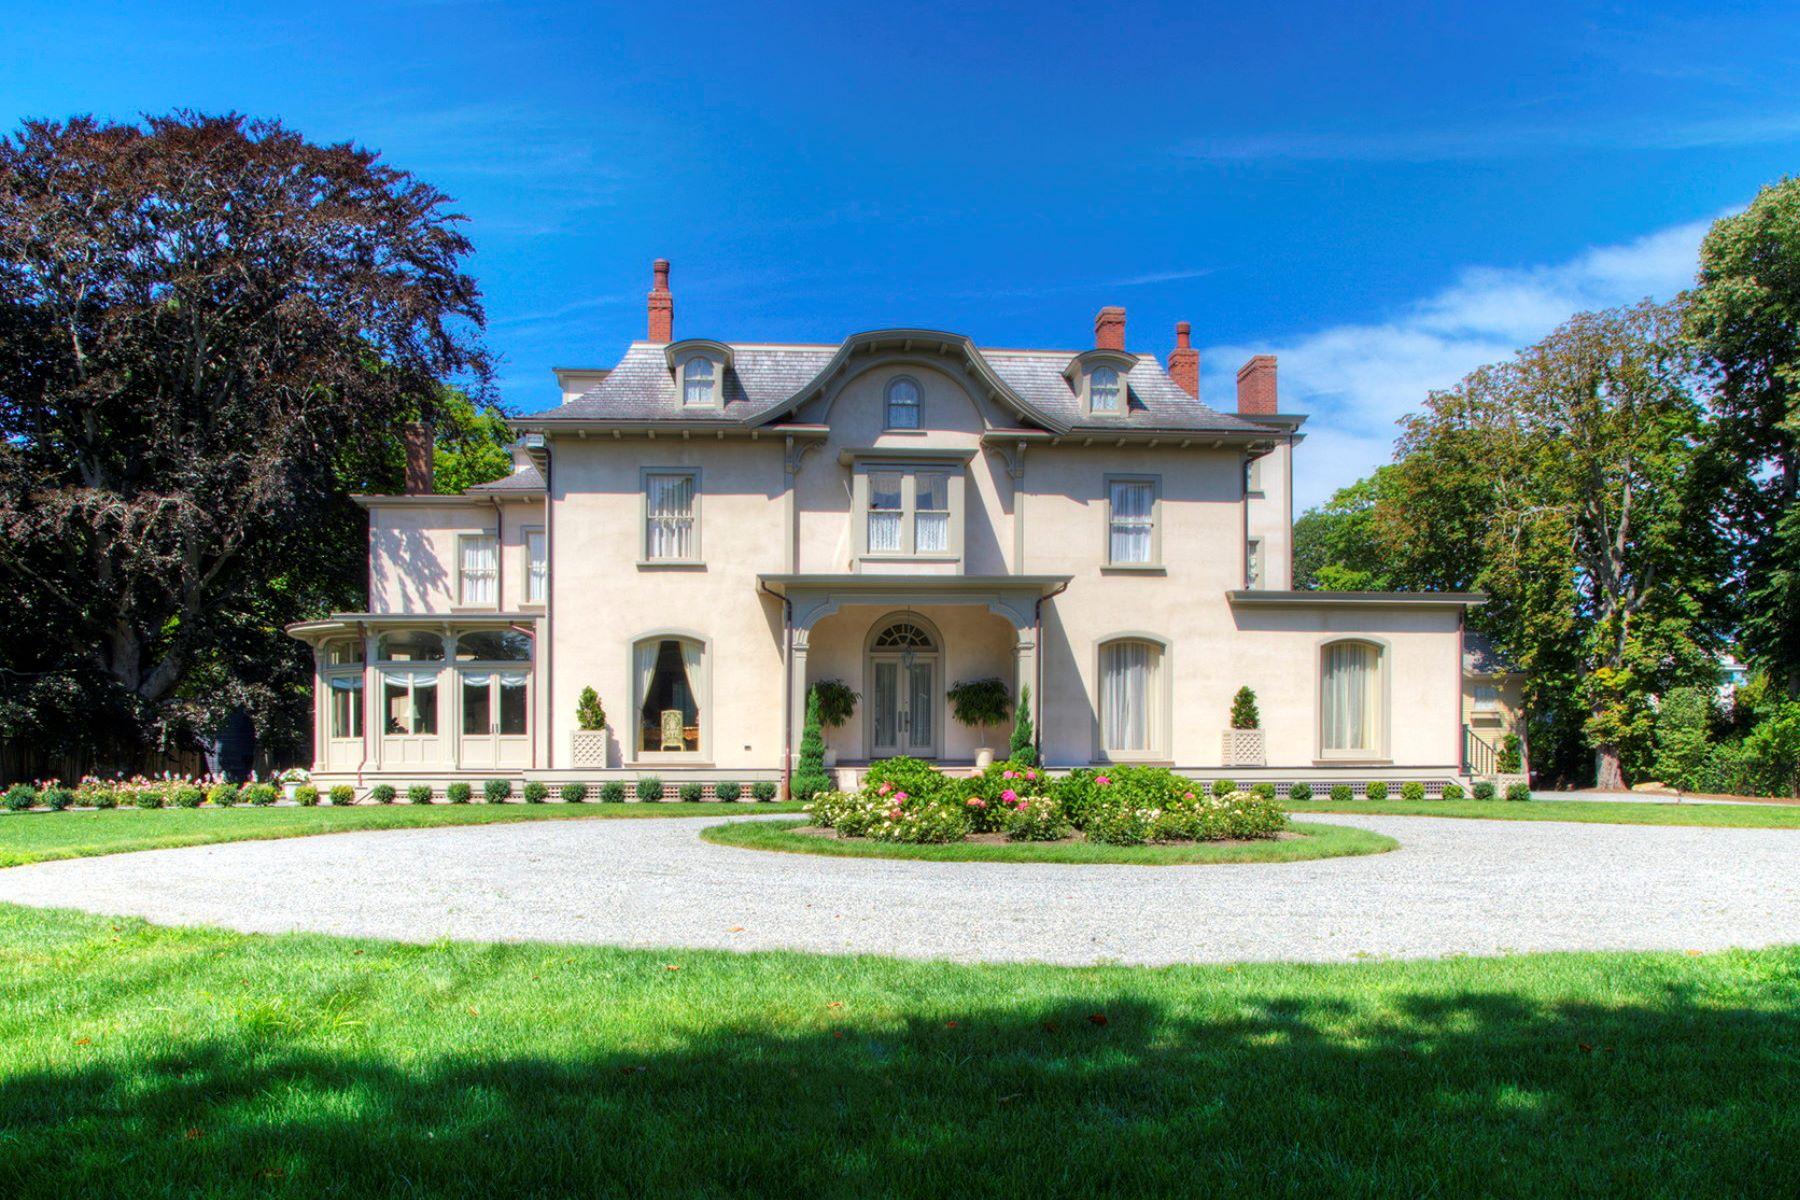 独户住宅 为 销售 在 Historic Quatrel on Bellevue 673 Bellevue Avenue 纽波特, 02840 美国